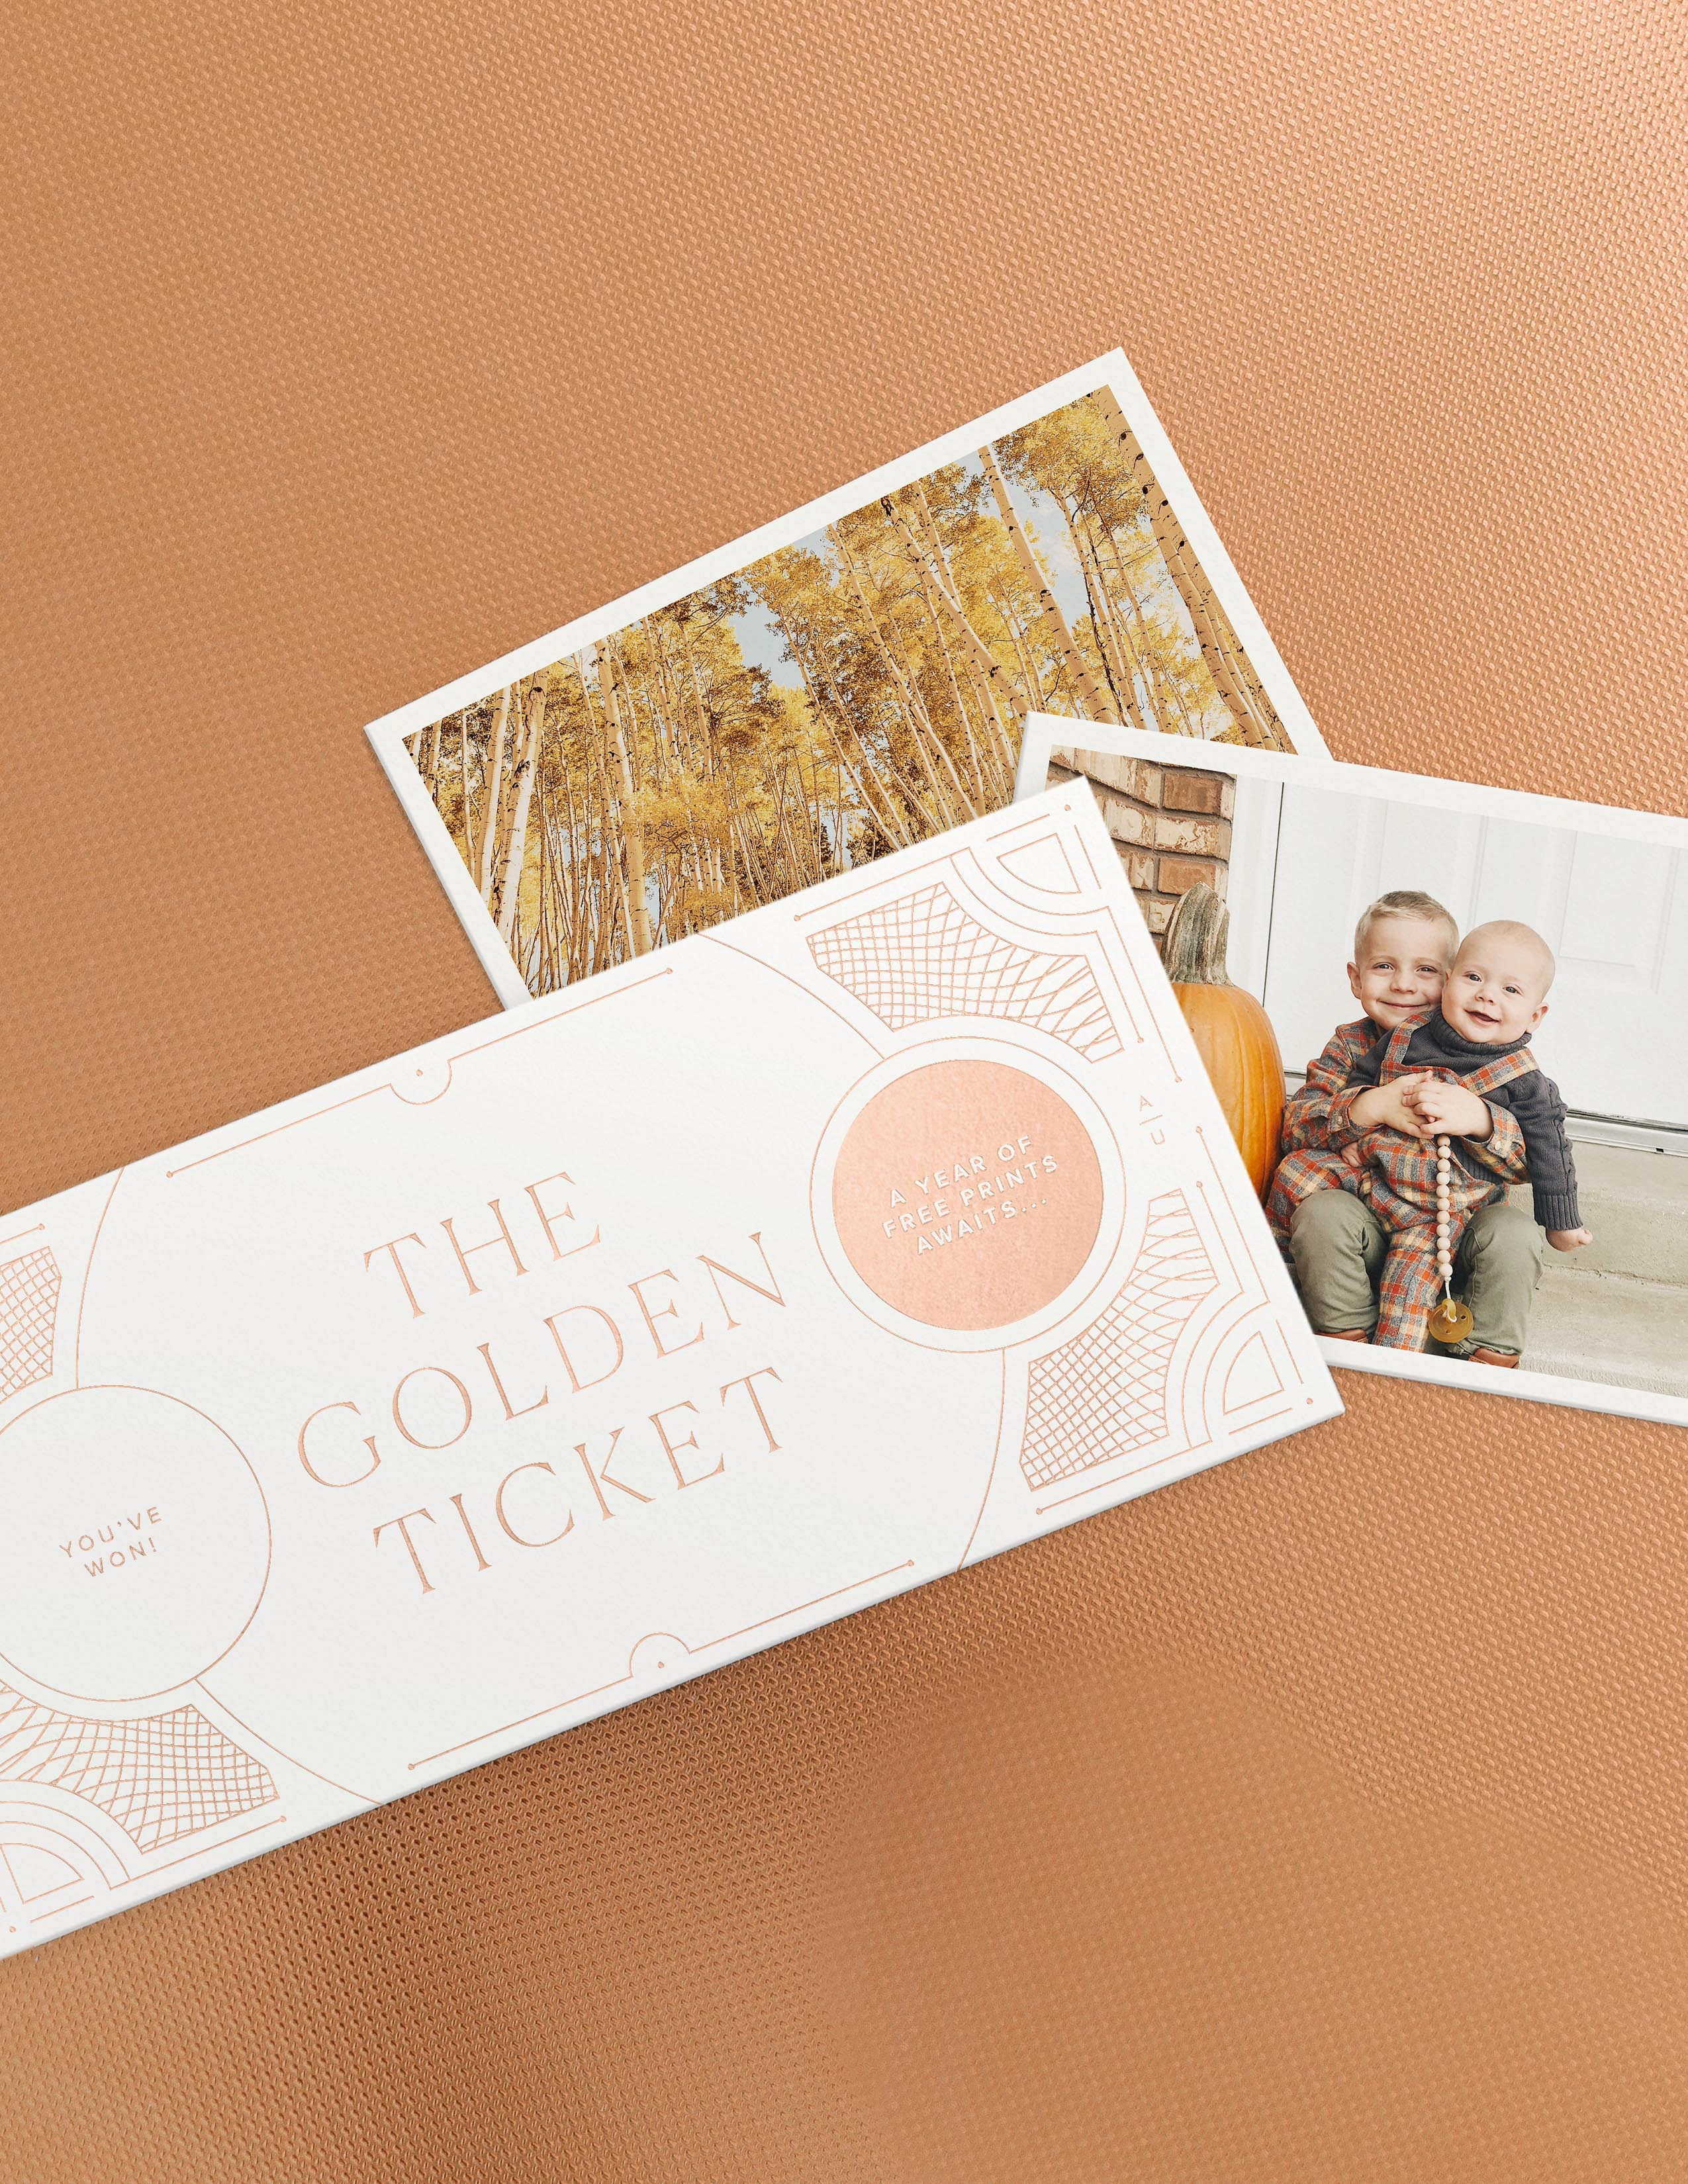 golden-ticket-POST